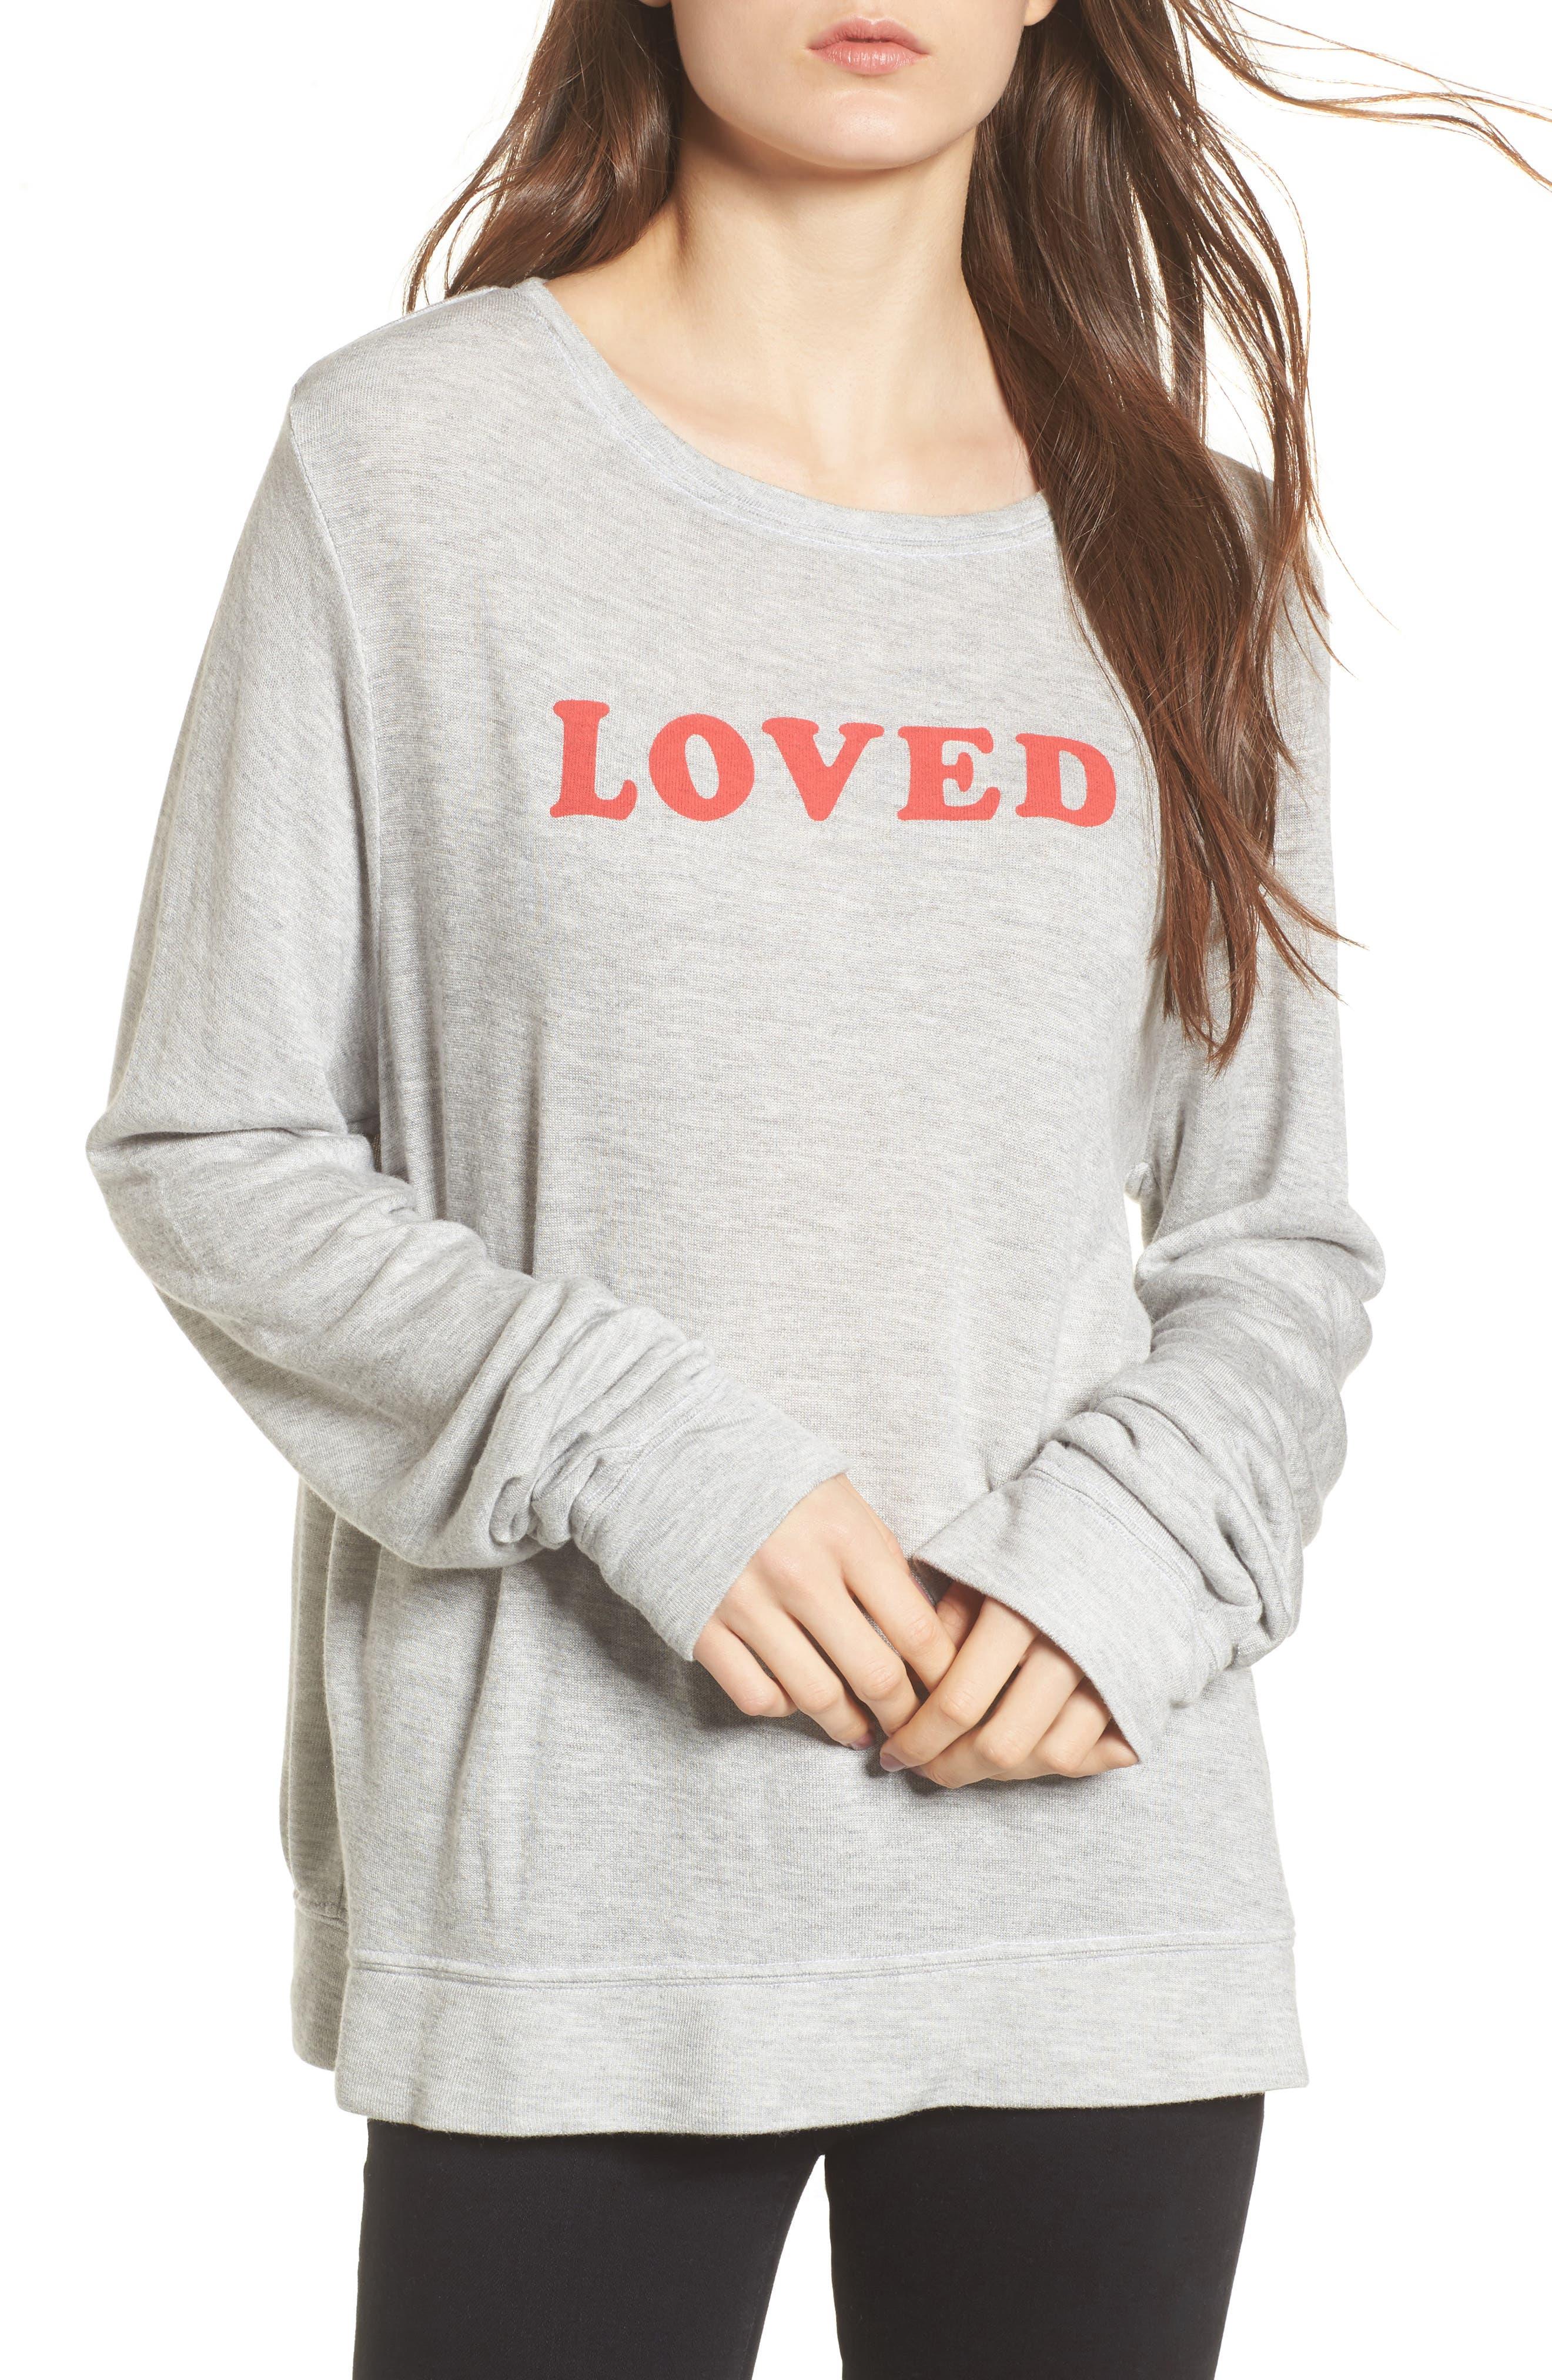 Alternate Image 1 Selected - Wildfox Loved Sweatshirt